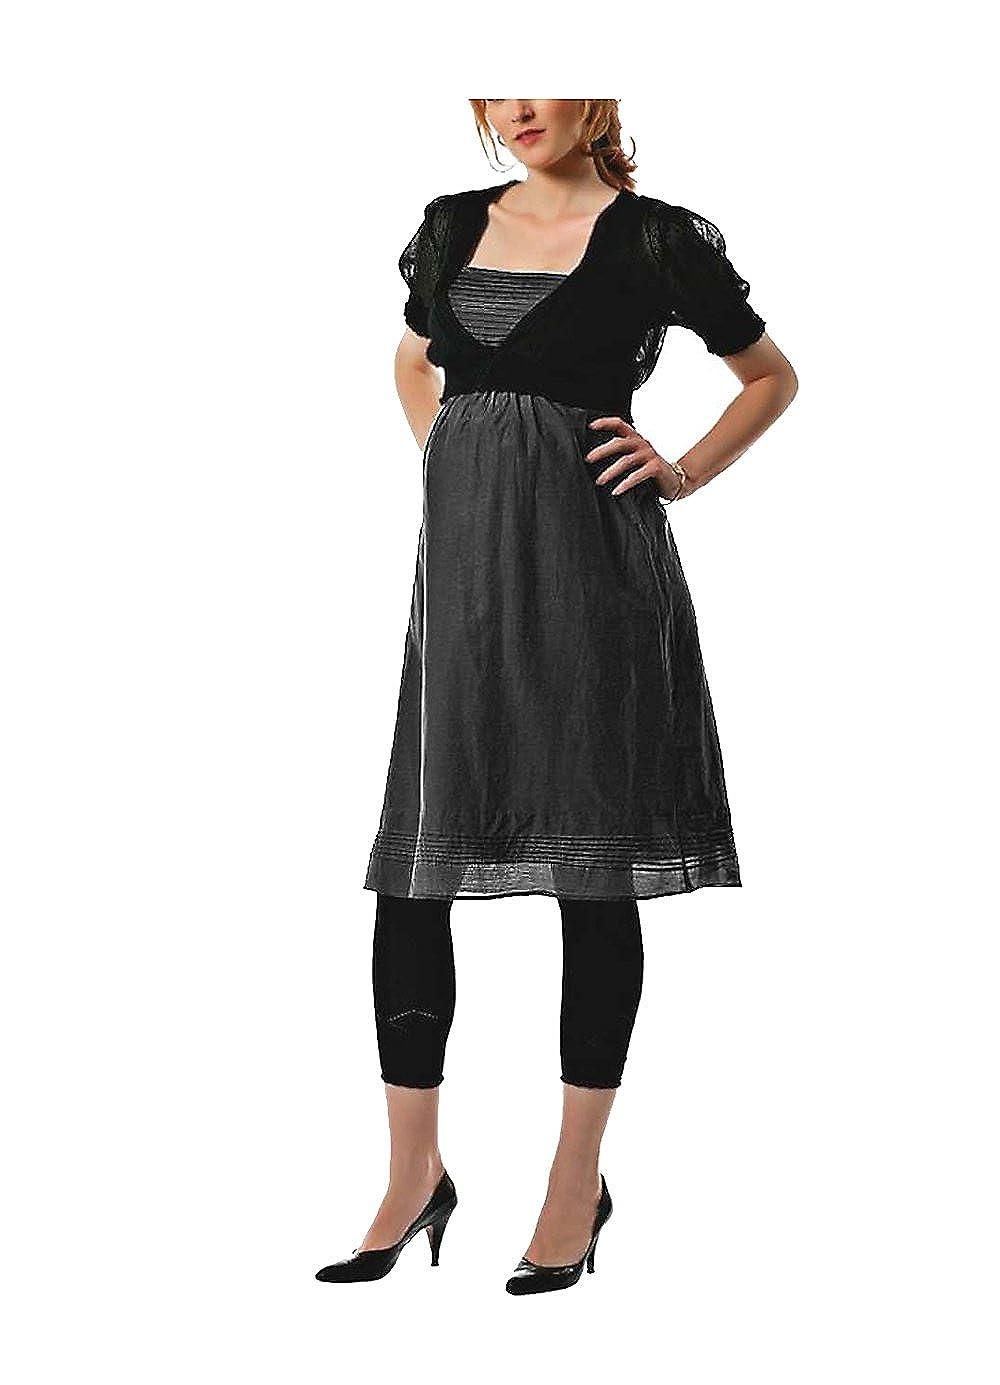 Ama Licious de mujer vestido de seda con embarazadas vestido gris tamaño L: Amazon.es: Ropa y accesorios